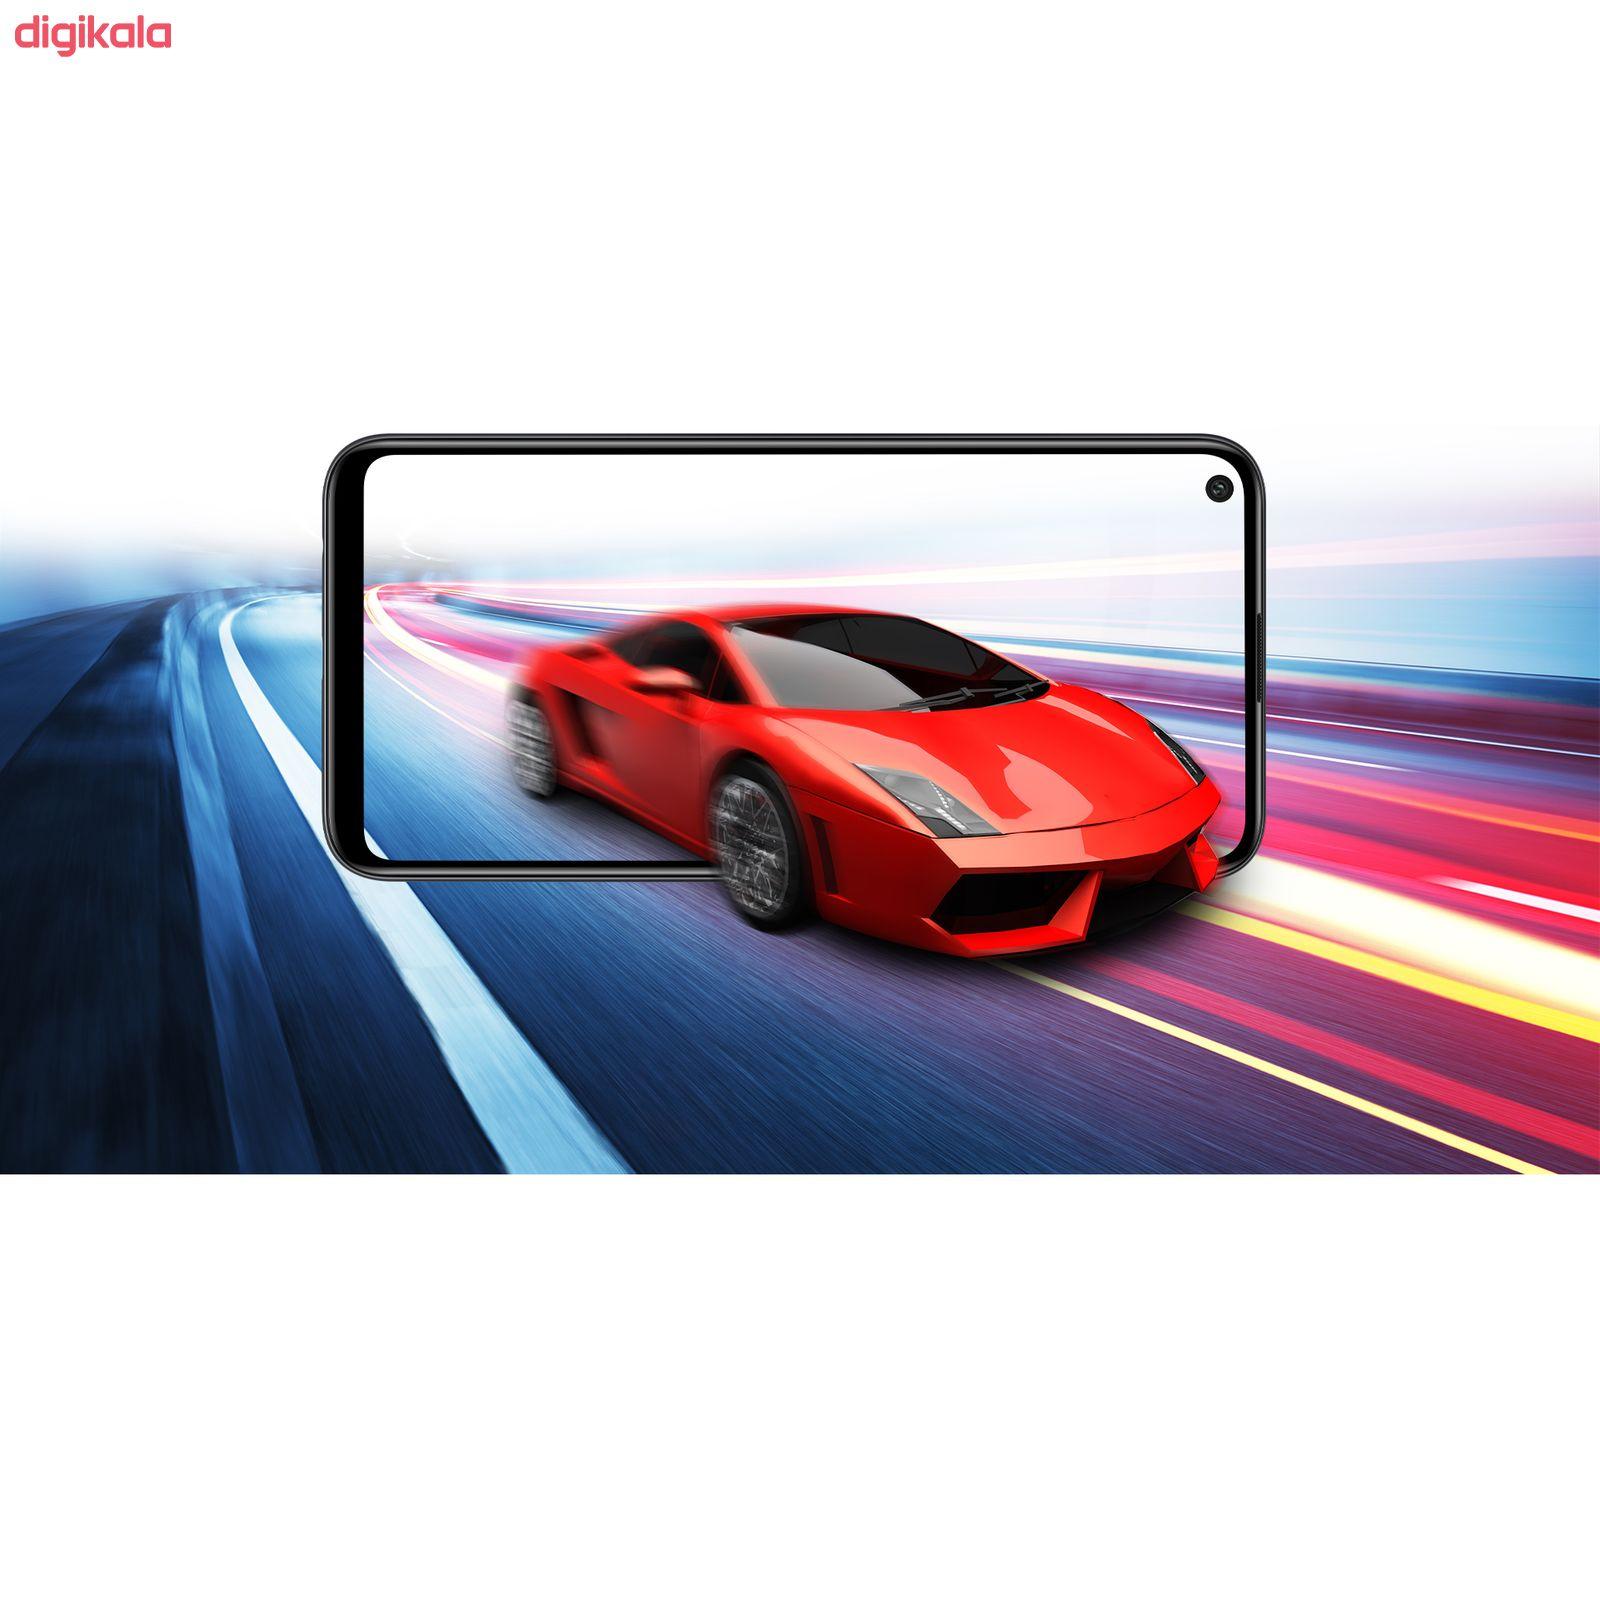 گوشی موبایل هوآوی مدل Huawei Y7p ART-L29 دو سیم کارت ظرفیت 64 گیگابایت main 1 15